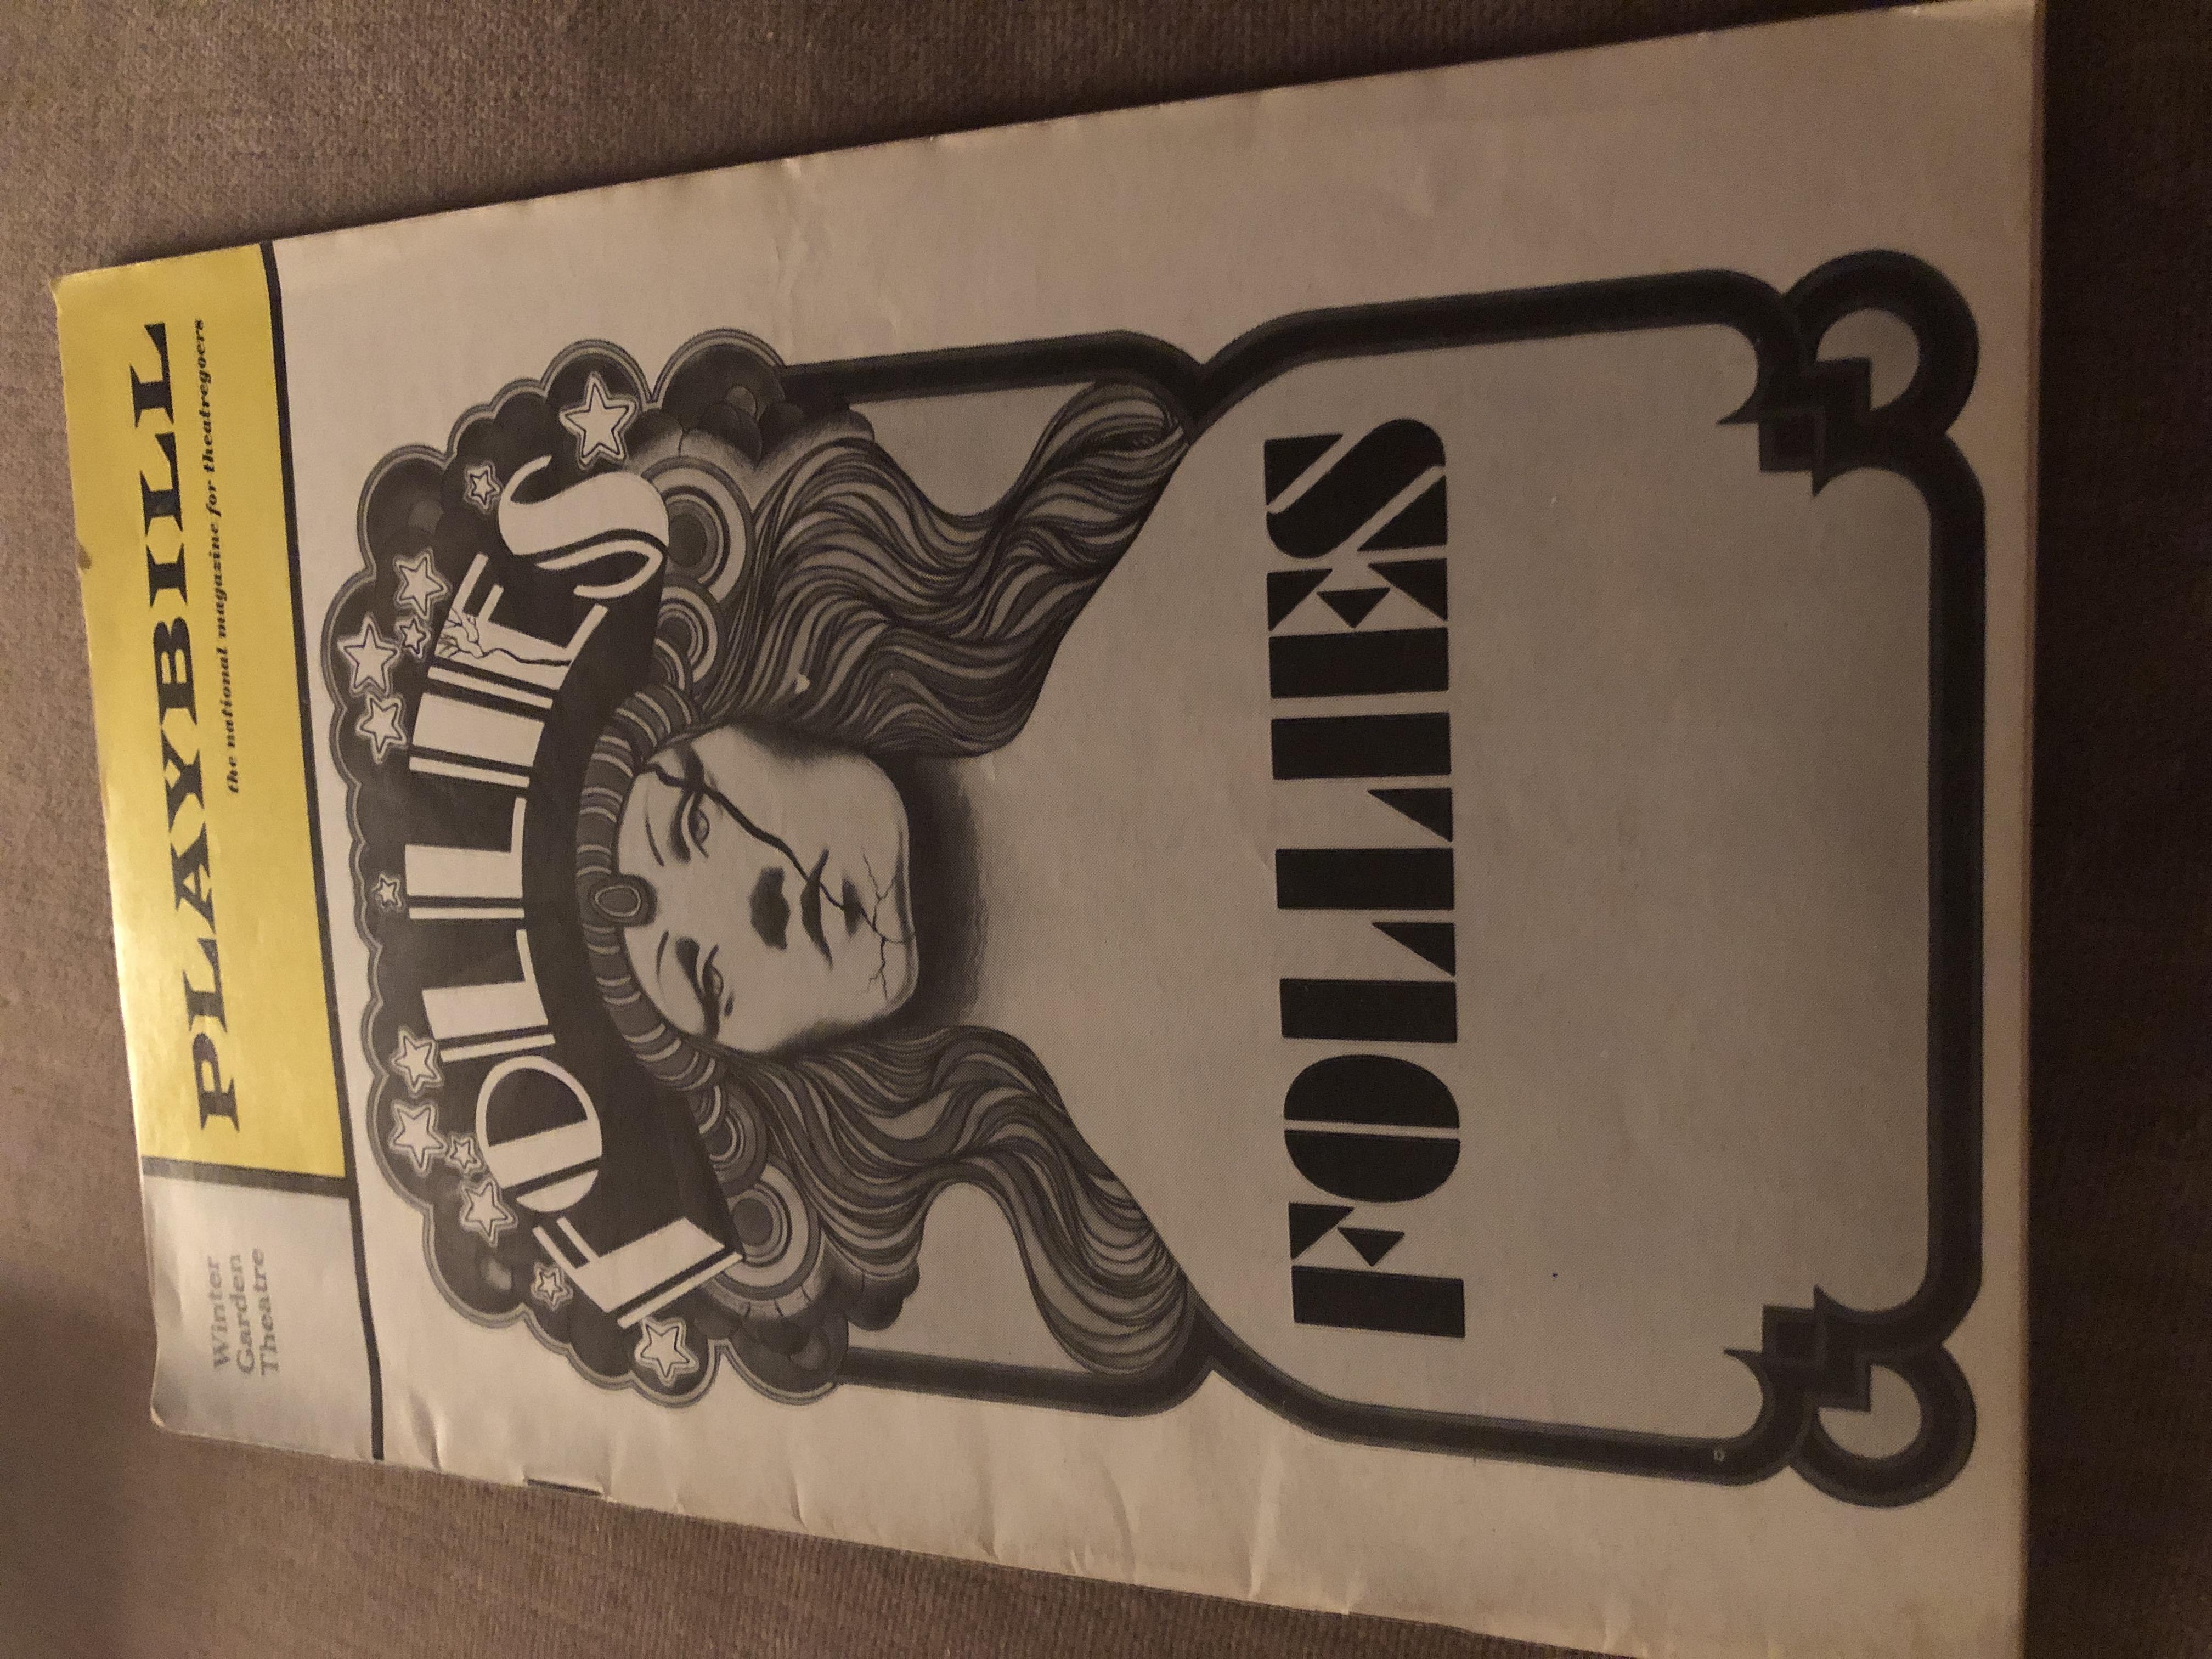 Original Follies Playbill